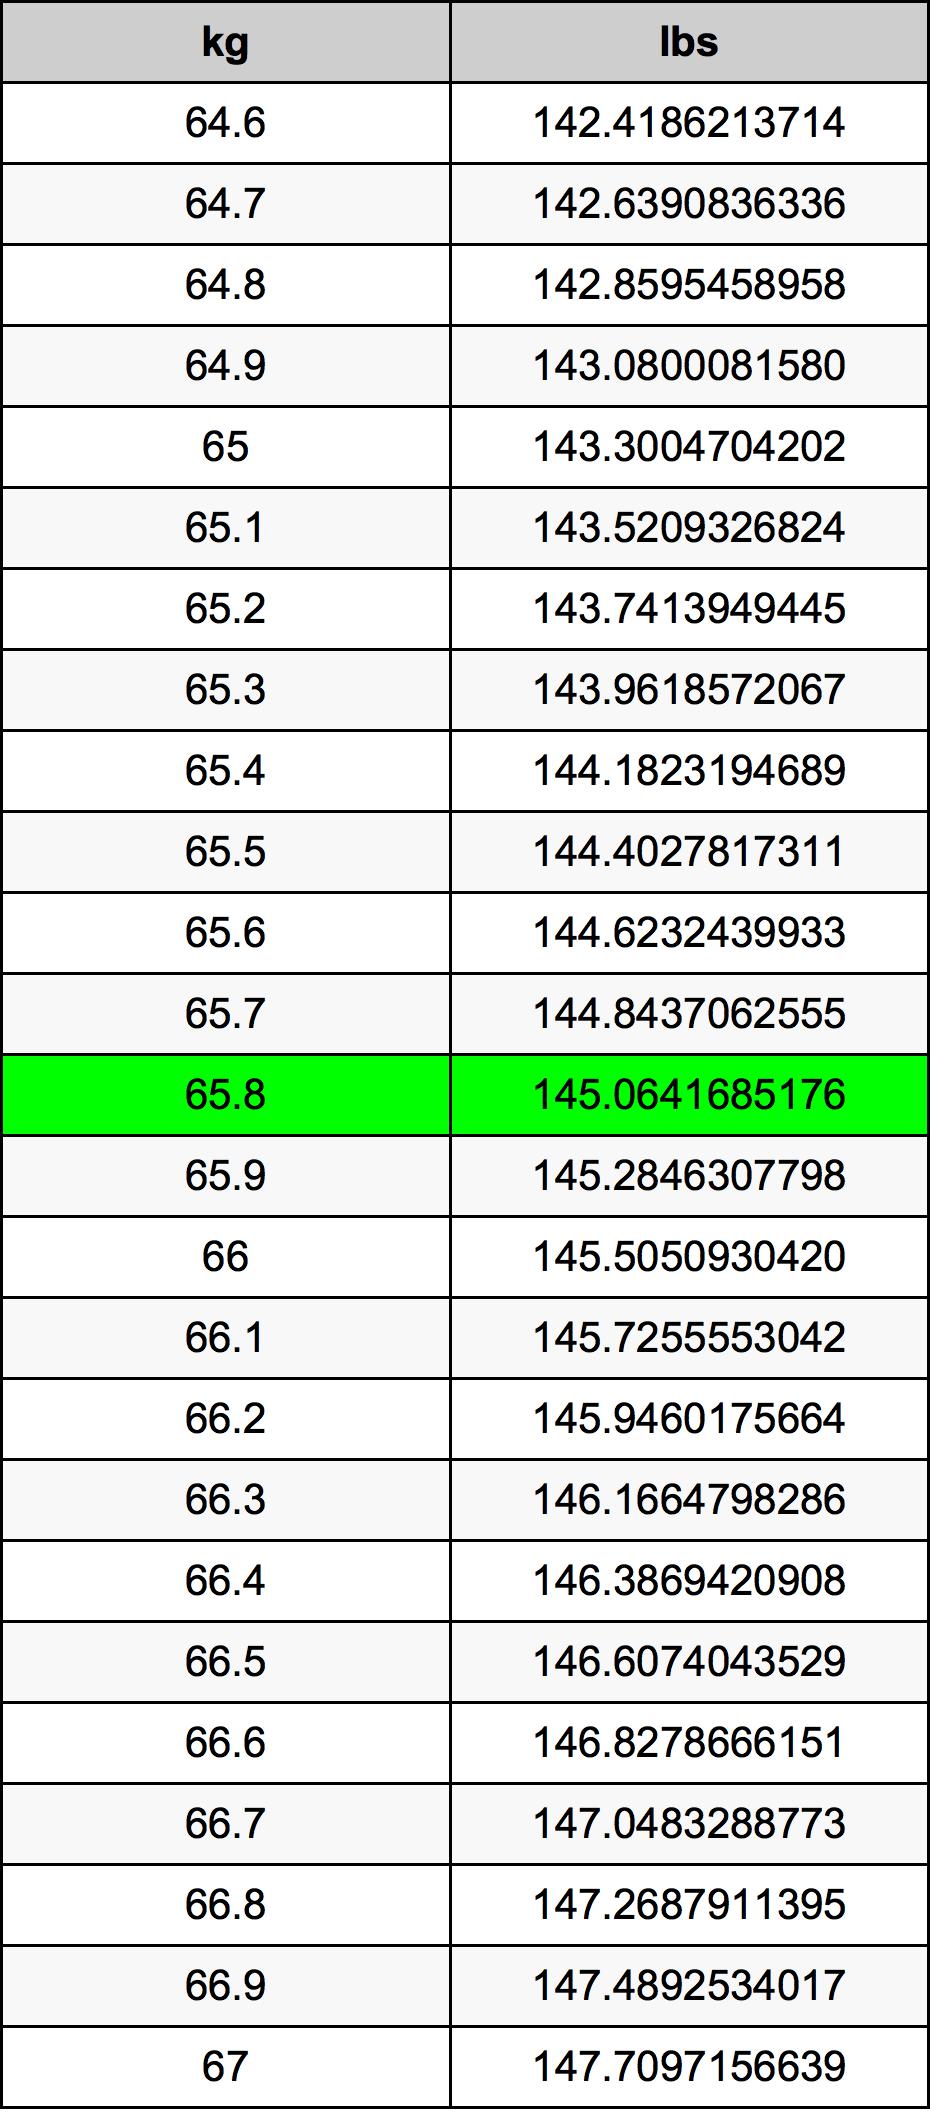 65.8 Kilogram Tablica konverzije